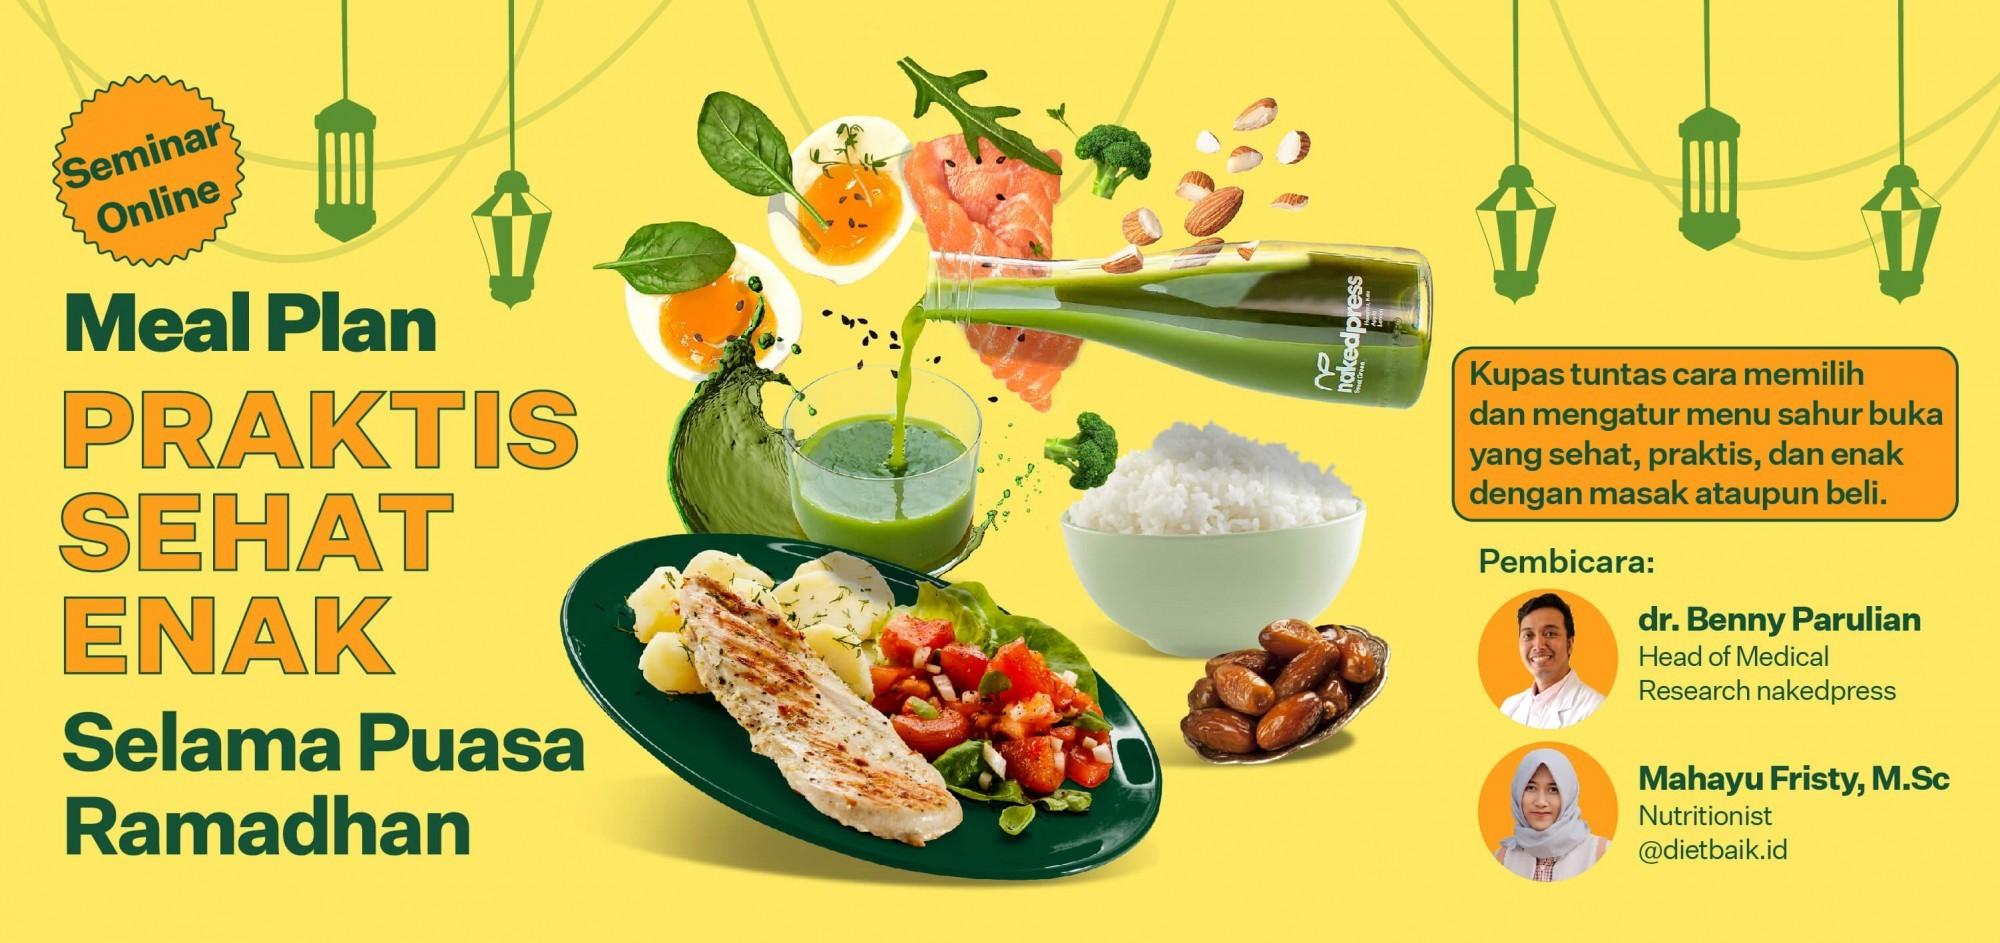 Meal Plan Praktis Sehat Enak Selama Puasa Ramadan